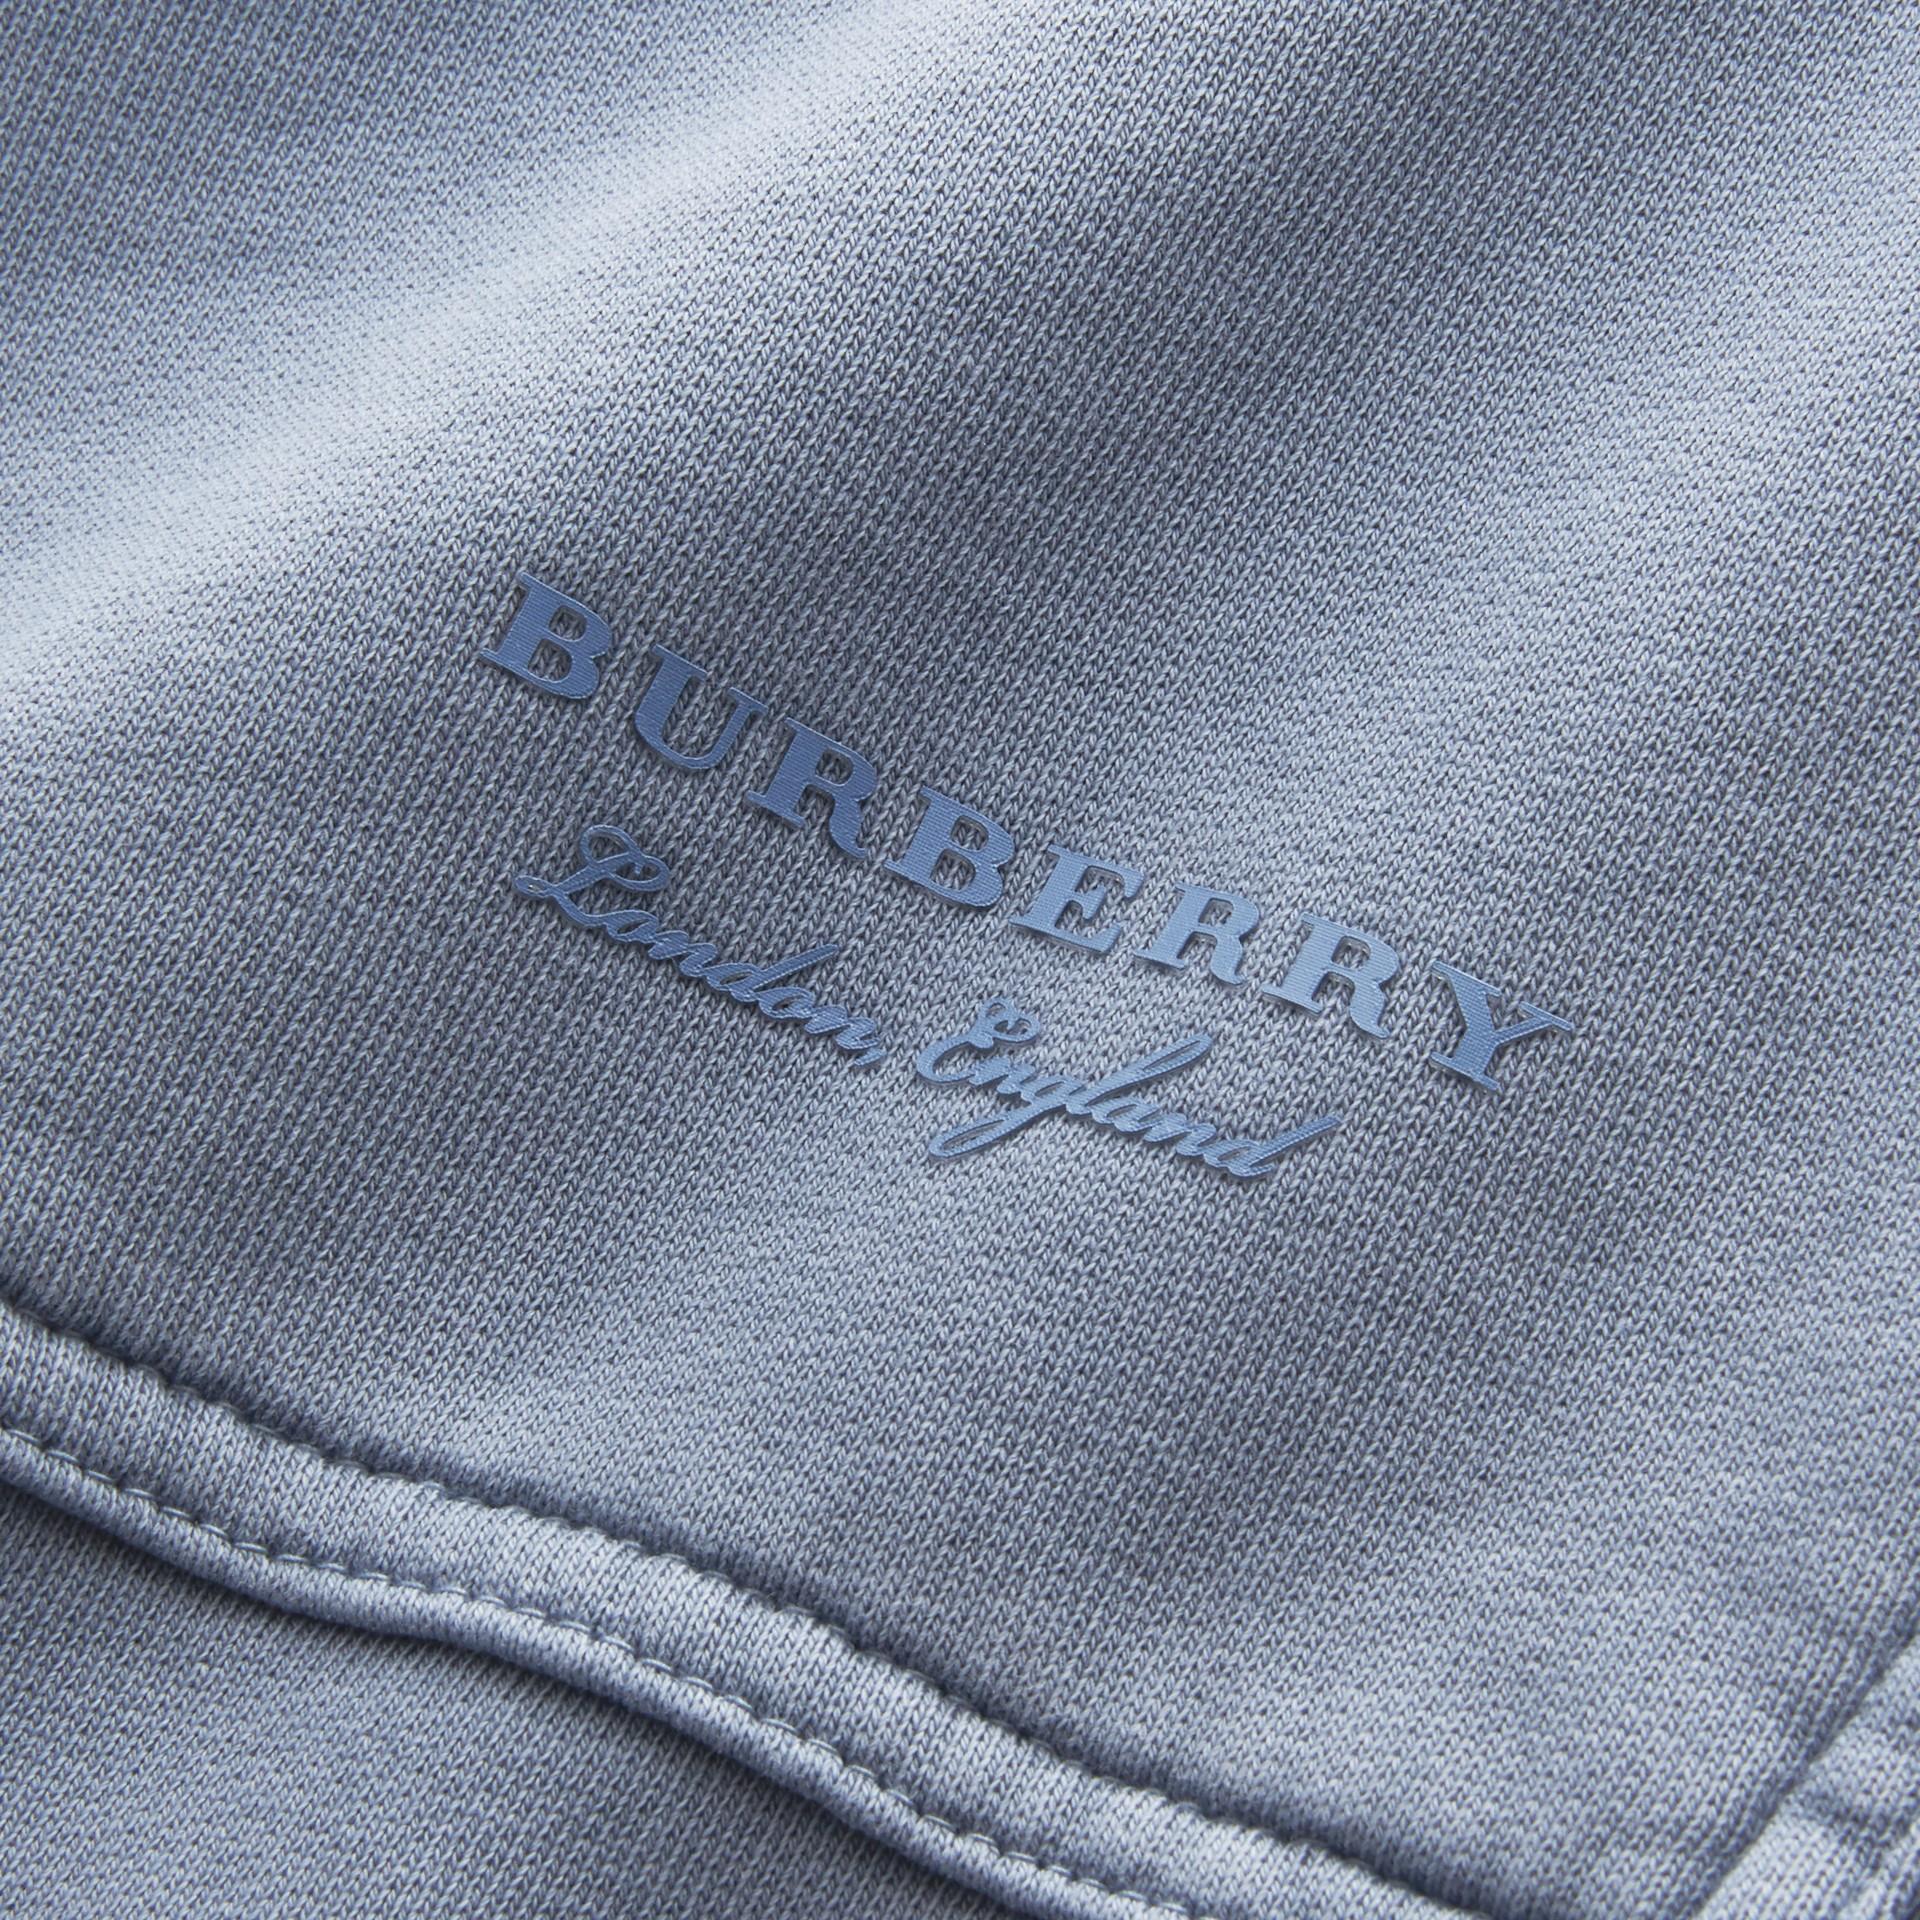 Sweat-shirt oversize unisexe en coton teint avec des colorants pigmentaires (Bleu Cendré) - Femme | Burberry - photo de la galerie 2